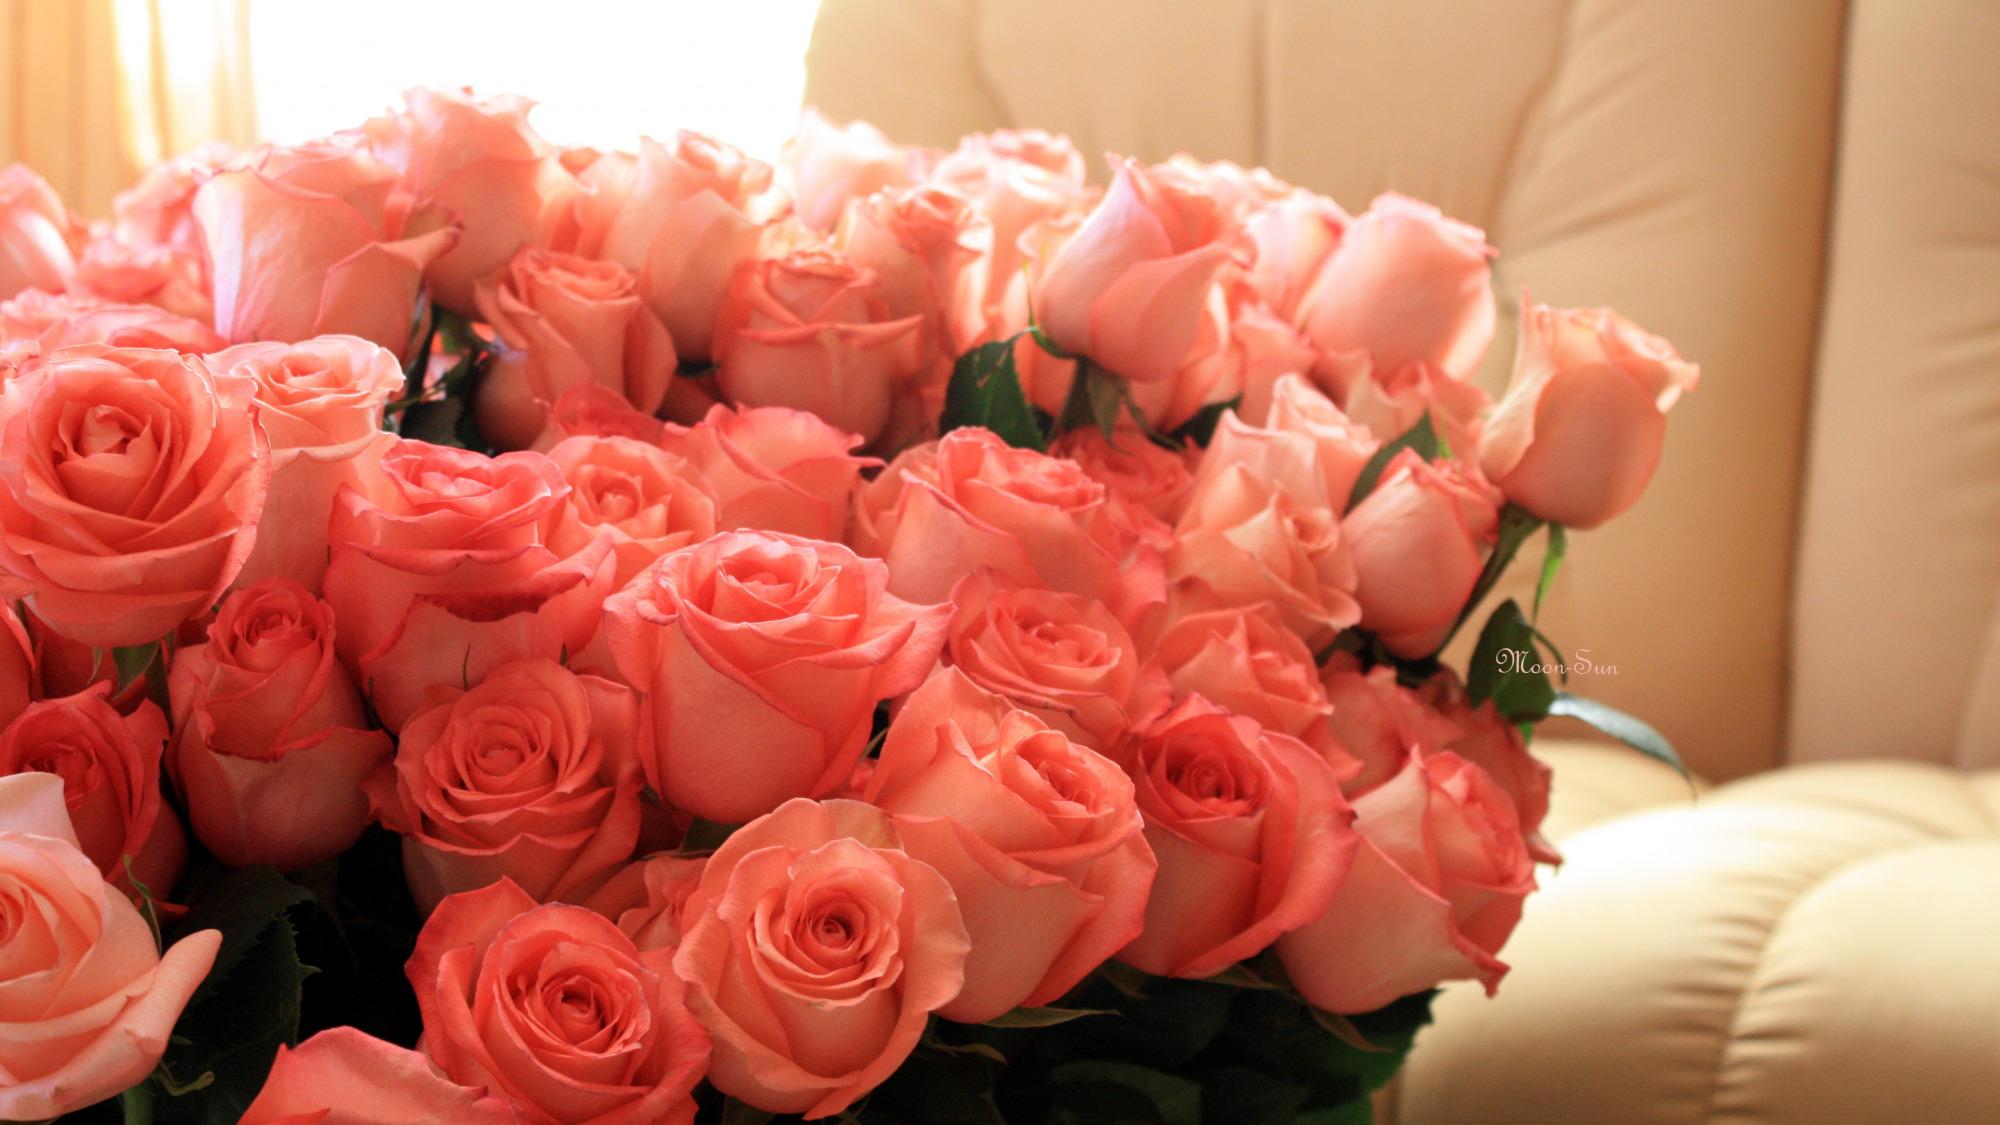 Розы букет  № 3015026 загрузить